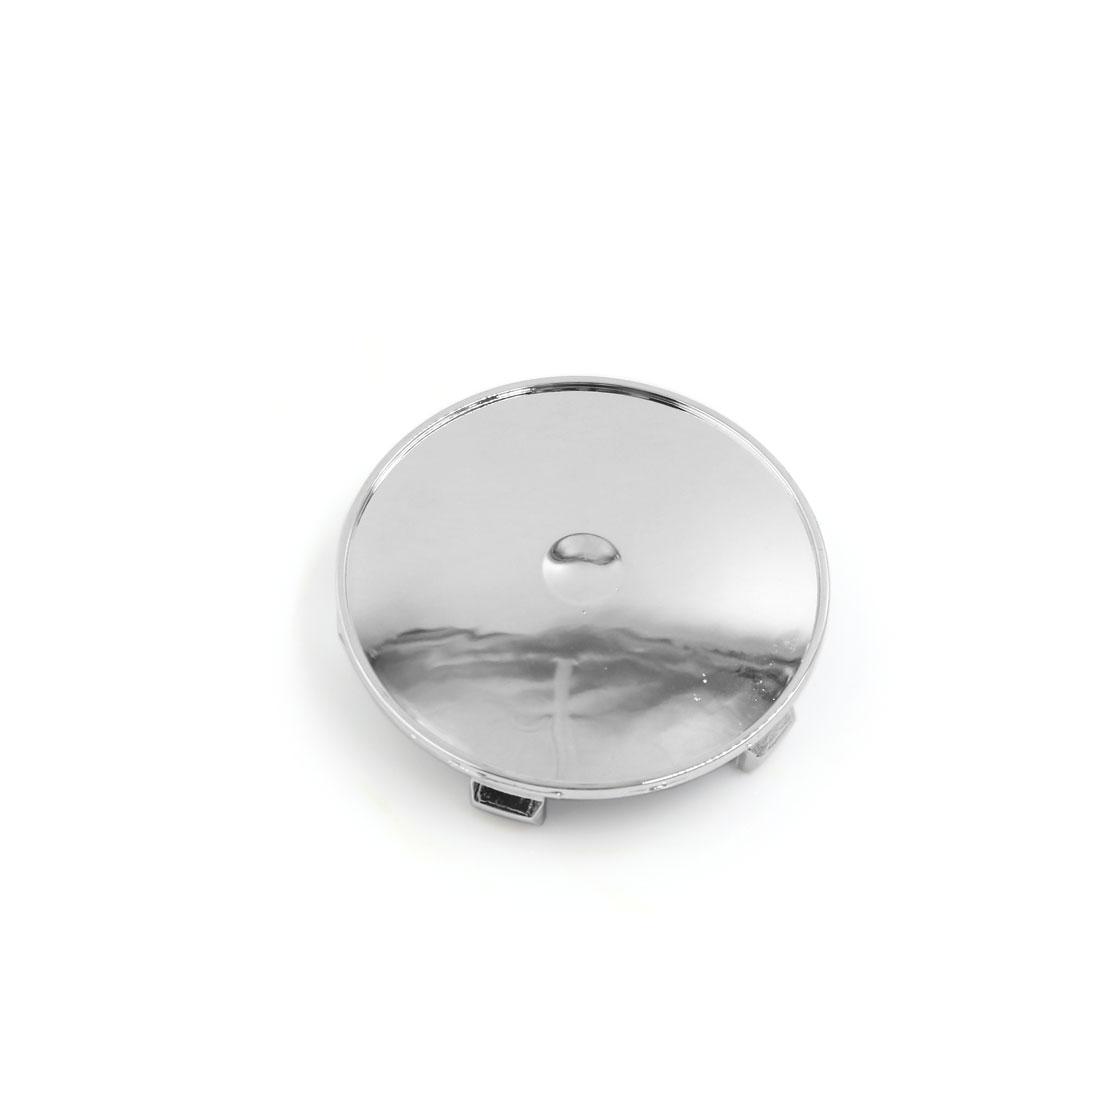 68mm Diameter 5 Lugs Plastic Wheel Rims Center Hub Cover Cap for Auto Car